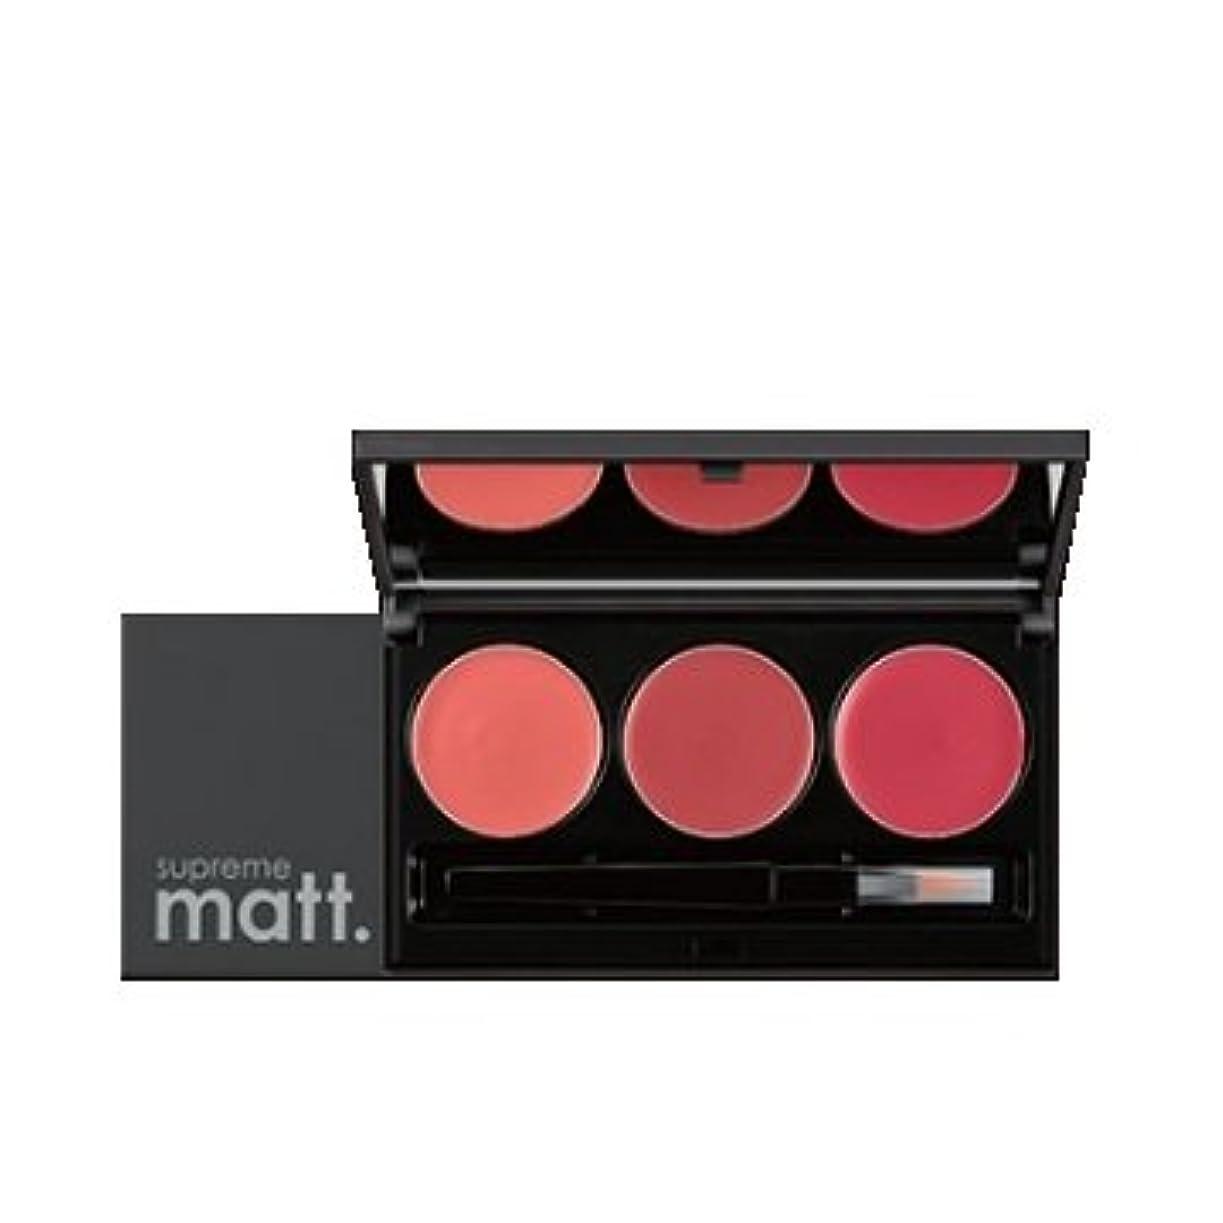 残忍な運河メディカル[サンプル] MISSHA Supreme Matt Lip Rouge Lip Palette / ミシャ シュープリームマットリップルージュリップパレット [並行輸入品]